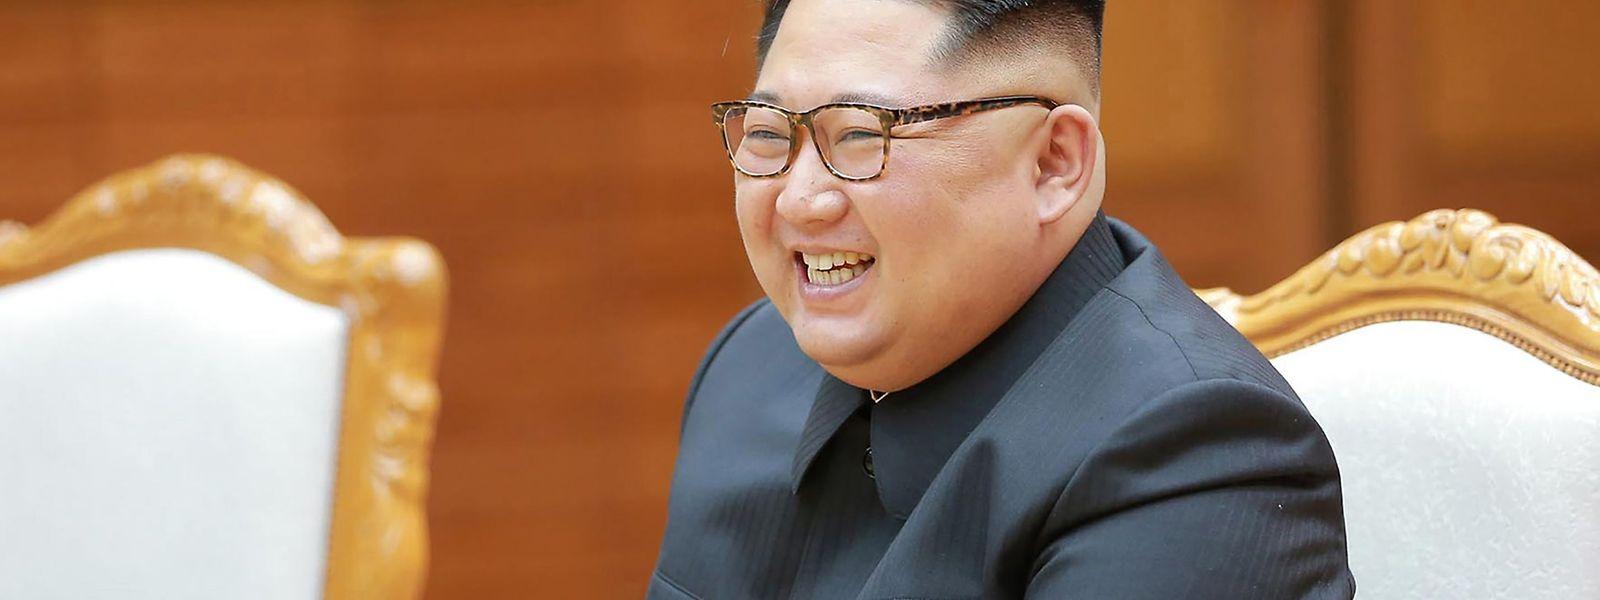 Nordkoreas Machthaber Kim Jong Un sprach am Samstag mit dem südkoreanischen Präsidenten Moon Jae In.